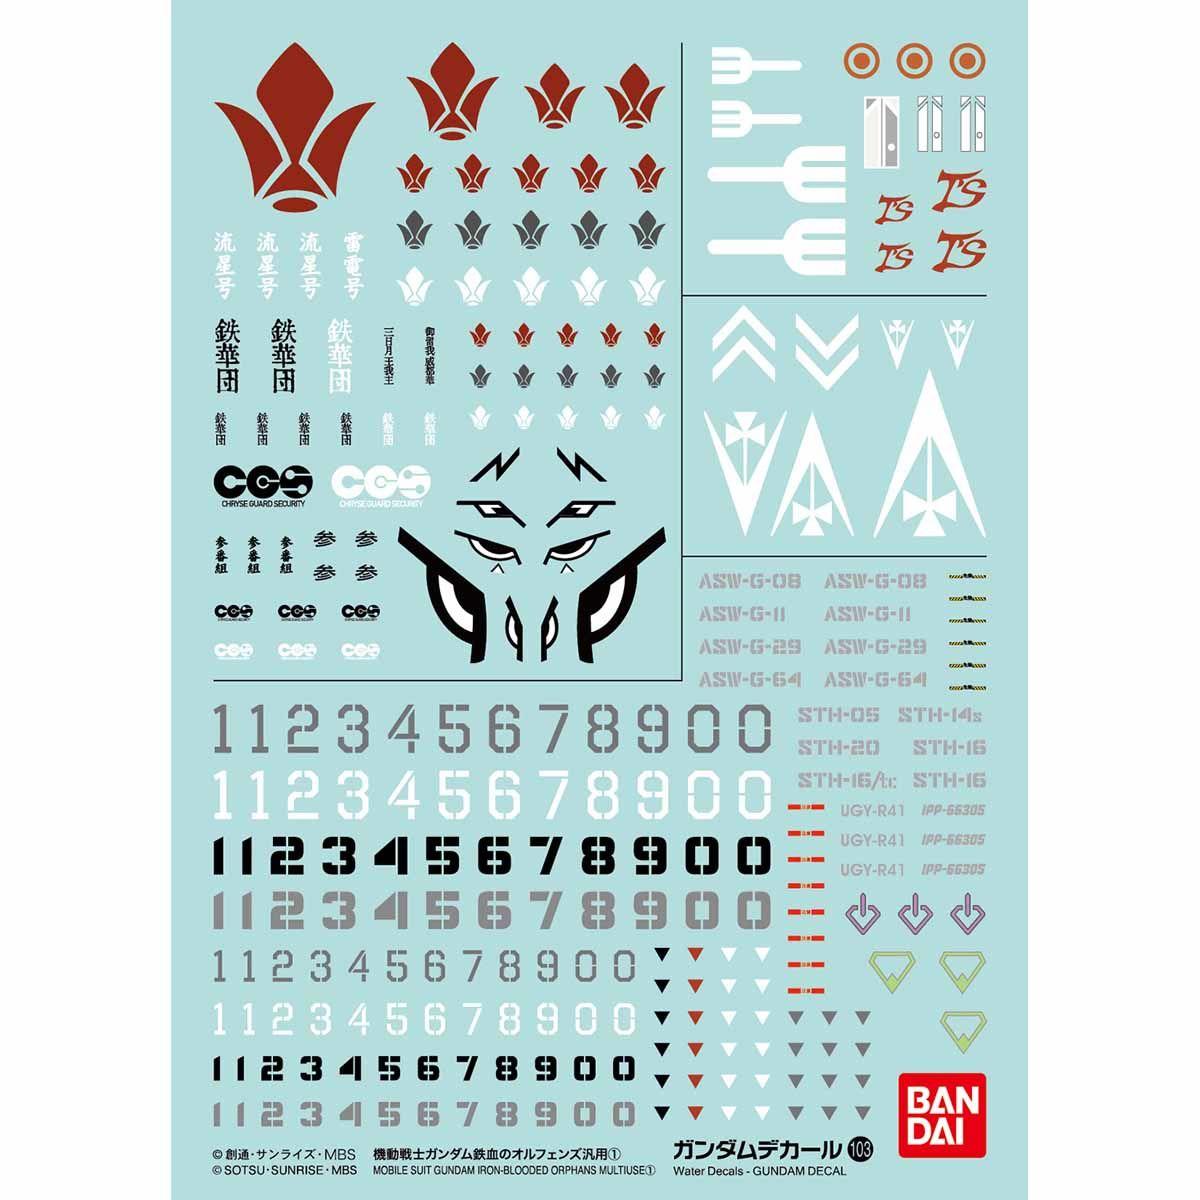 ガンダムデカール GD103 機動戦士ガンダム 鉄血のオルフェンズ汎用(1) 0219602 4549660196020 5057968 4573102579683